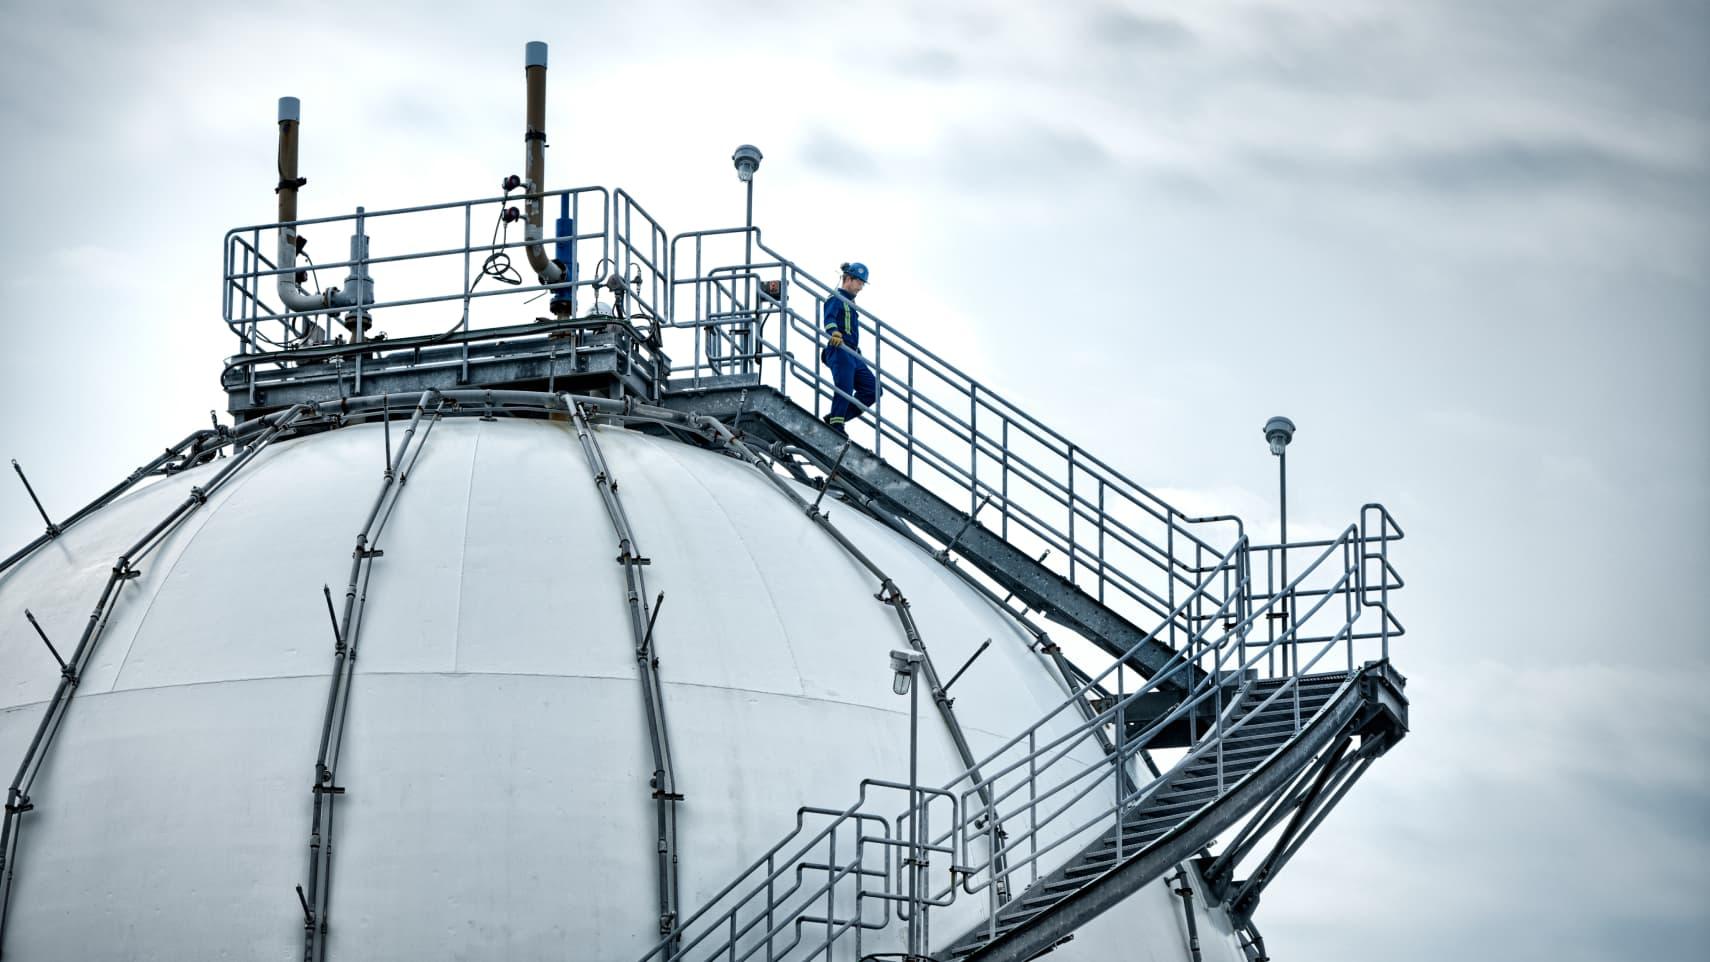 Homme debout au sommet d'une raffinerie marchant sur les escaliers métalliques descendant